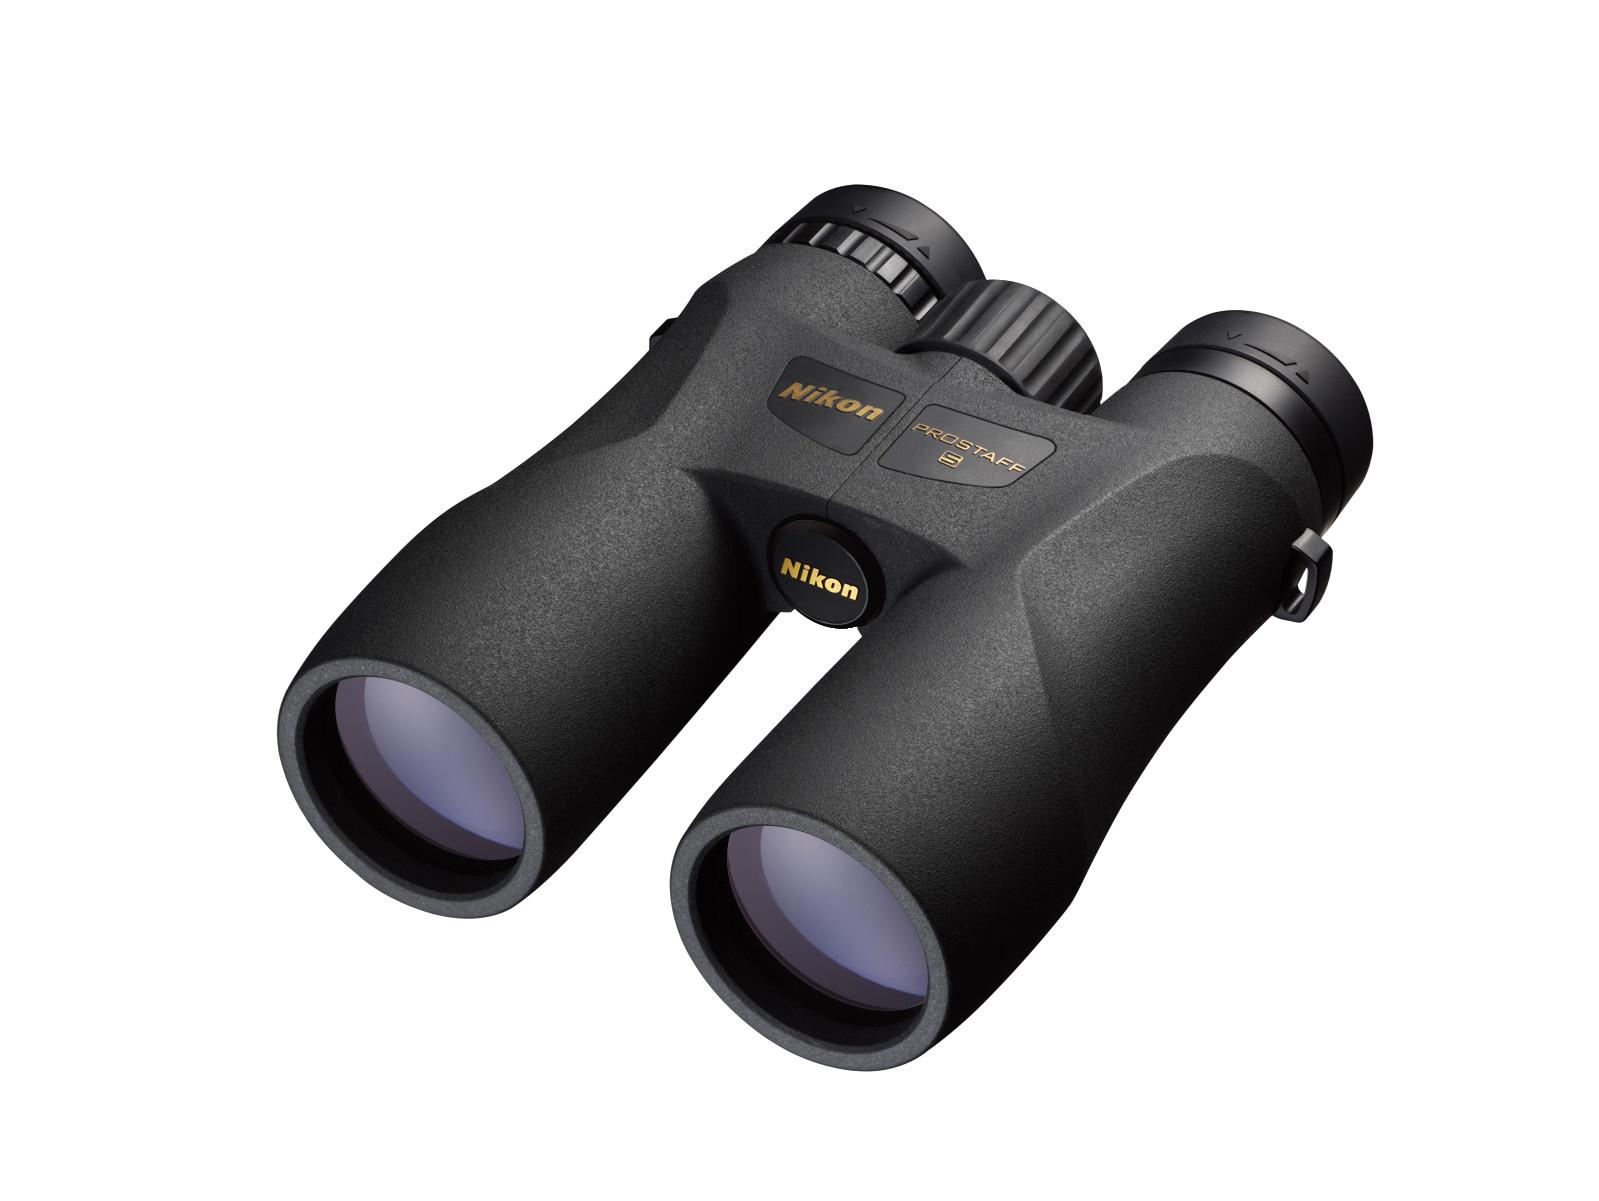 Prostaff 5 8X42 雙筒望遠鏡 雙筒望遠鏡/單眼鏡-登山賞鳥